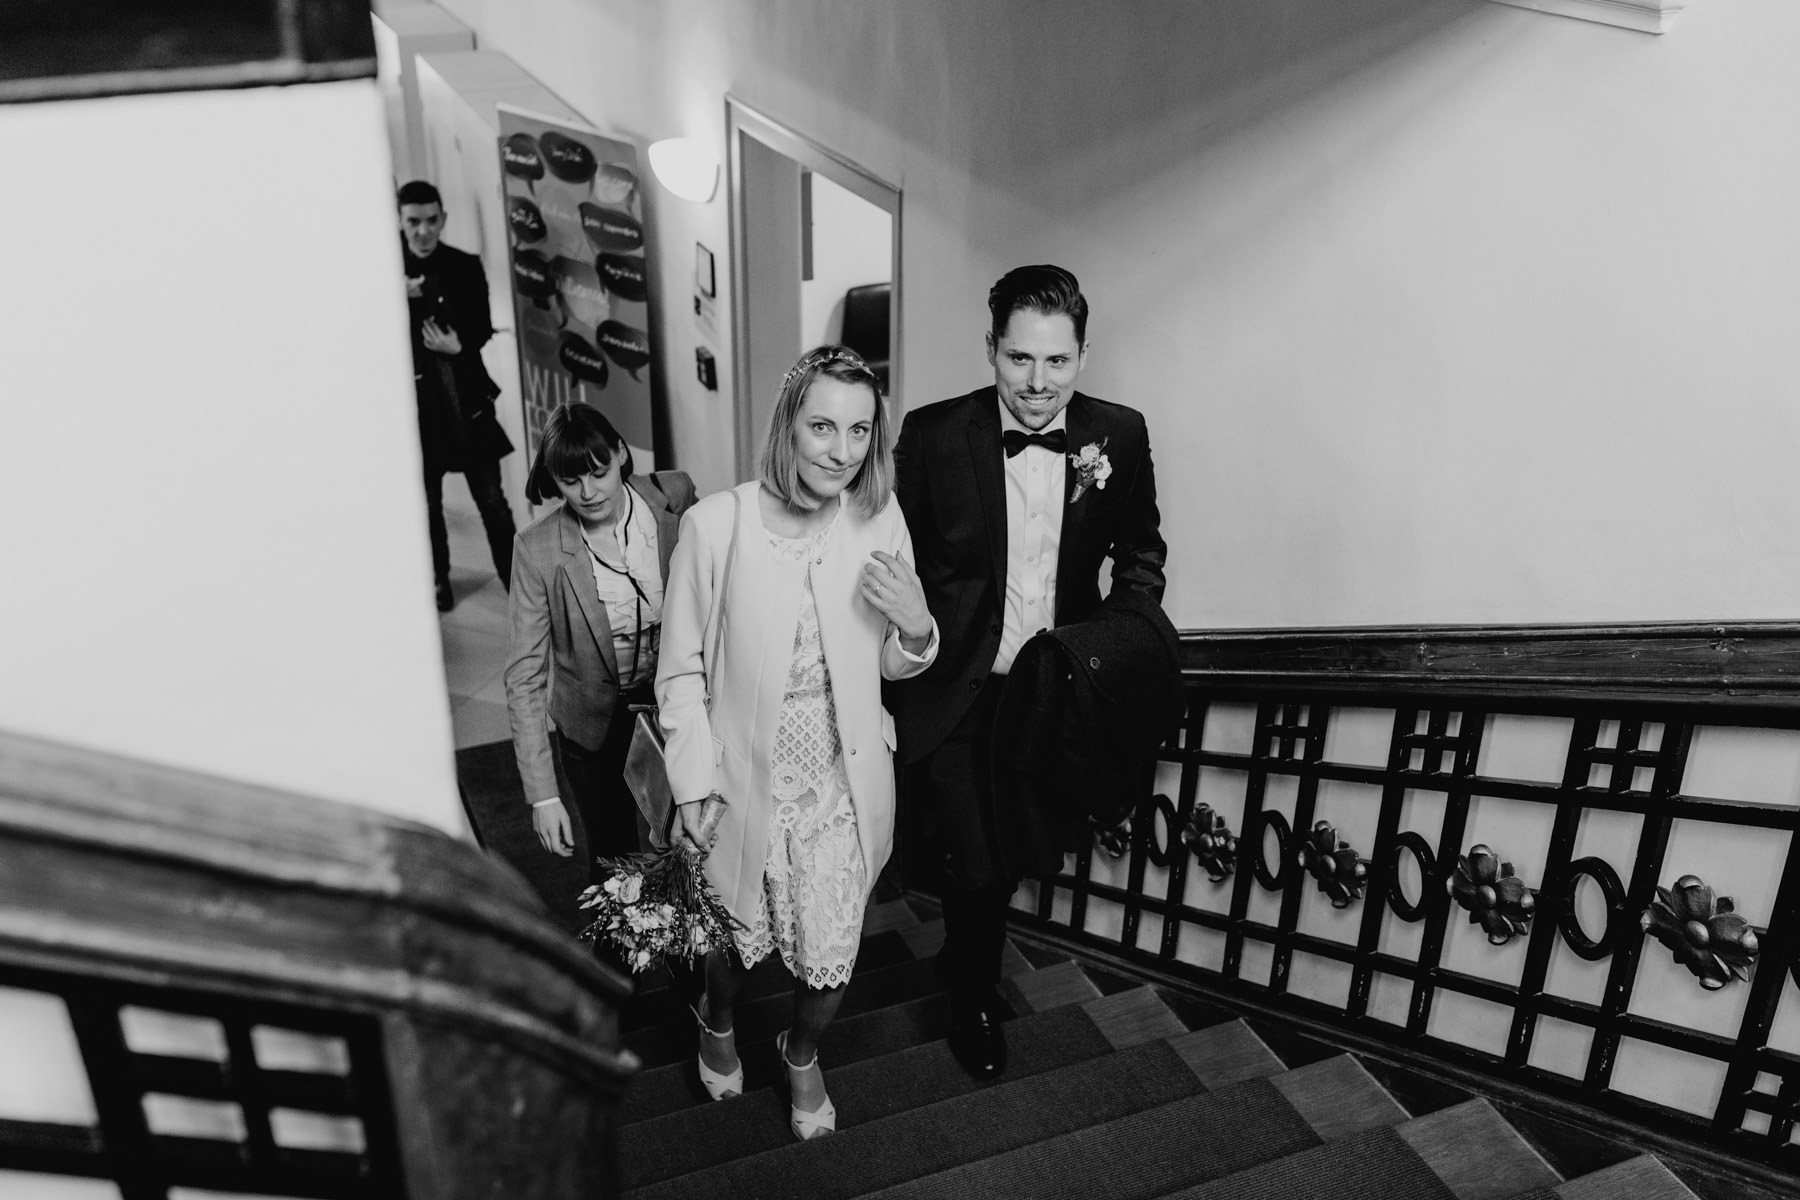 Fotografie von einem Hochzeitspaar im Standesamt